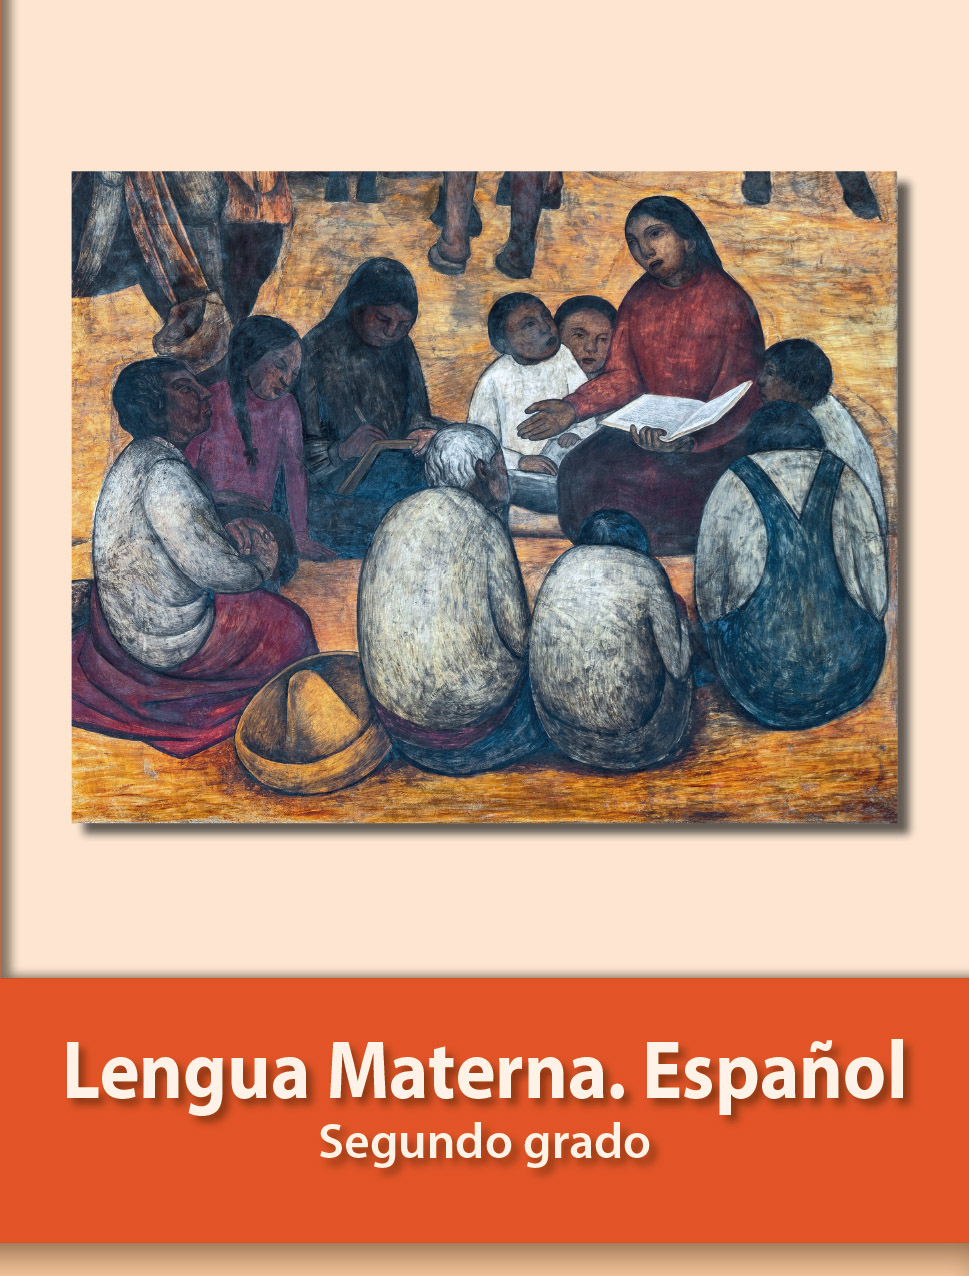 Lengua Materna Español Segundo grado 2020-2021 - Libros de ...